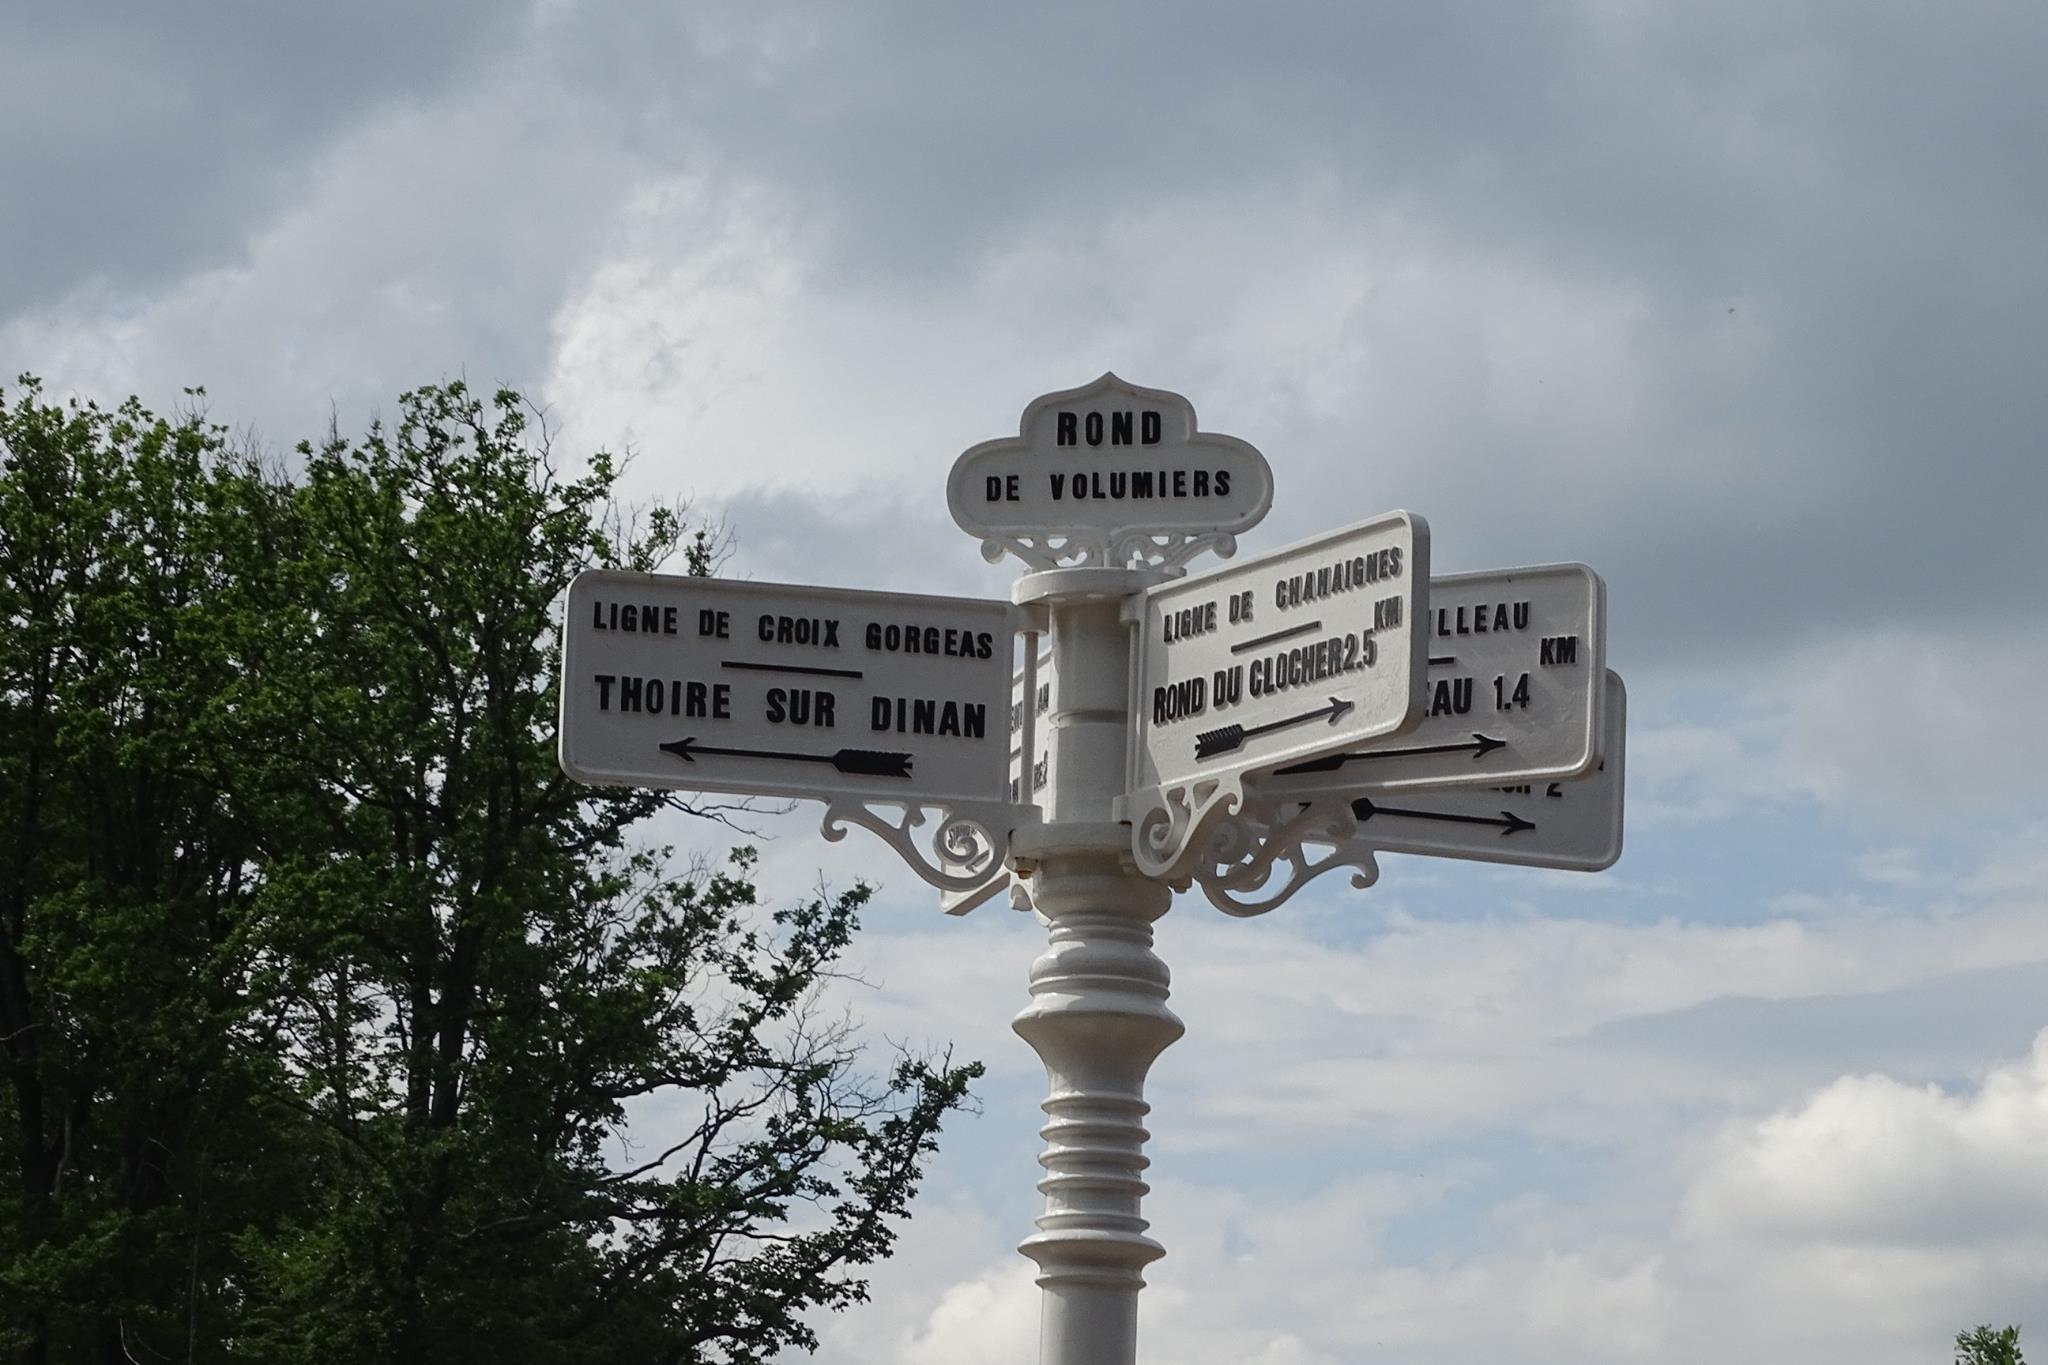 Forêt de Bercé - Plaque de cocher - Rond de Volumiers - Ligne de Croix Gorgeas - Thoiré sur Dinan - Ligne de Chahaignes - Rond du Clocher (Marie-Yvonne Mersanne)